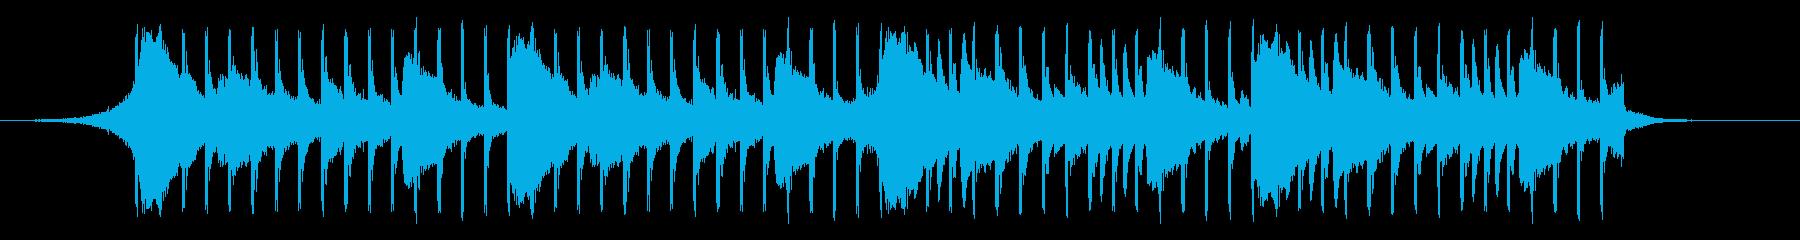 【爽やか】かわいい、軽快なBGMの再生済みの波形